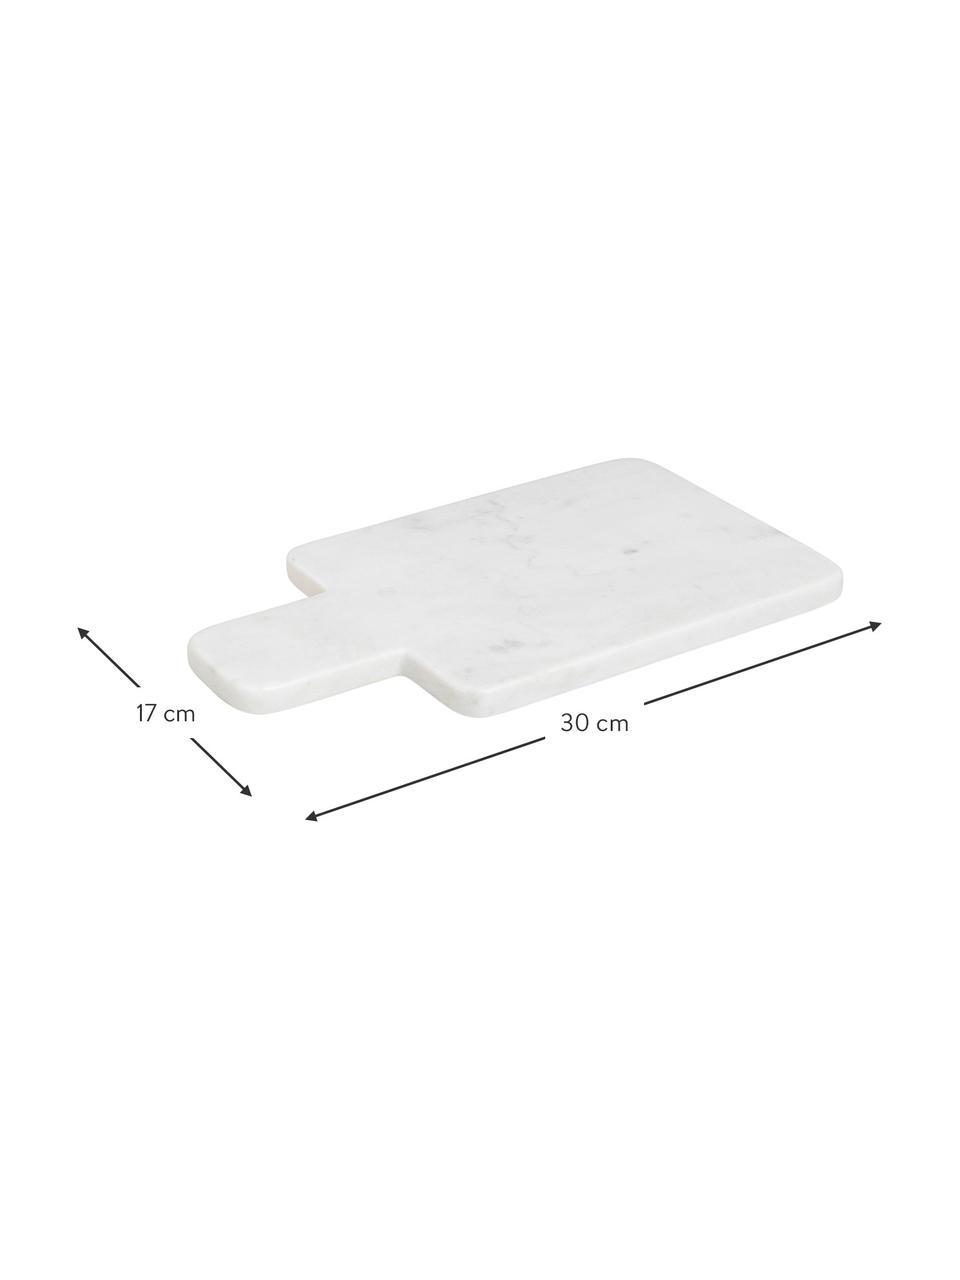 Marmor-Schneidebrett Adam, L 30 x B 17 cm, Marmor, Weiß, 17 x 30 cm